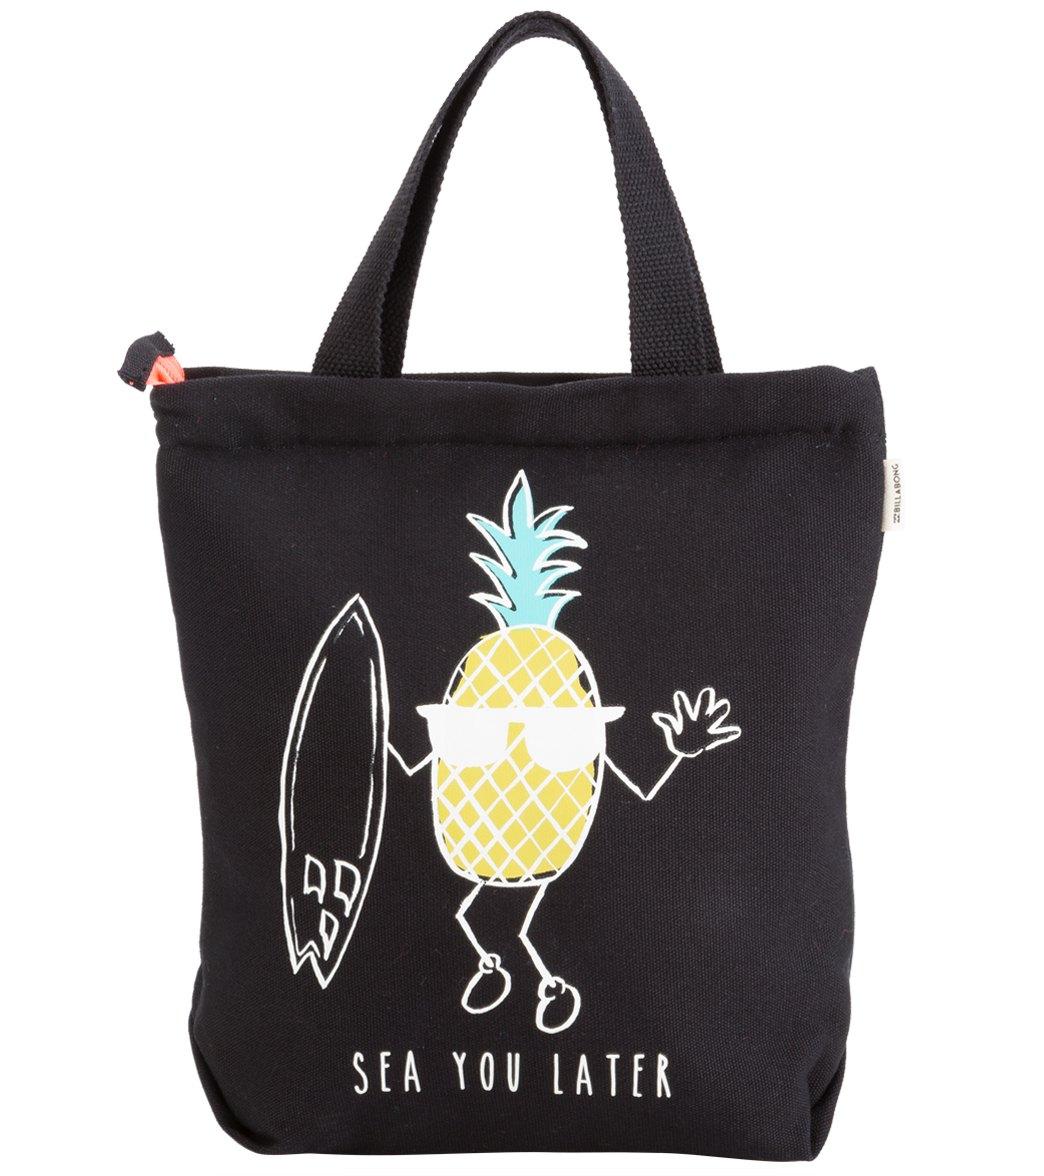 fe8254fe29f1 Billabong Girls  Beach Picnic Lunch Bag at SwimOutlet.com